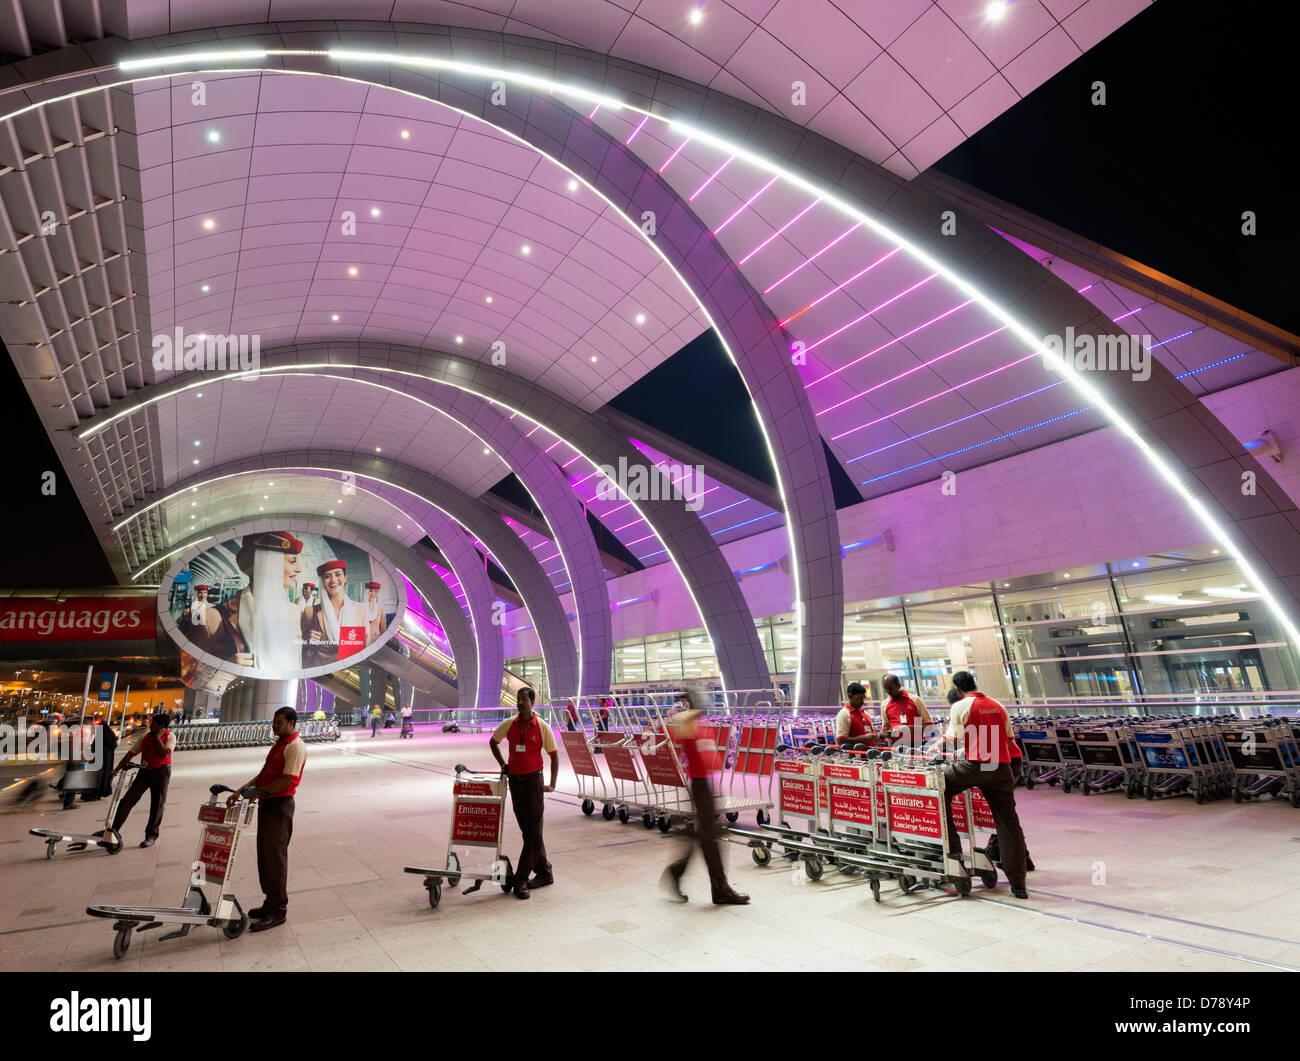 Dubai International Airport Stock Photos & Dubai International